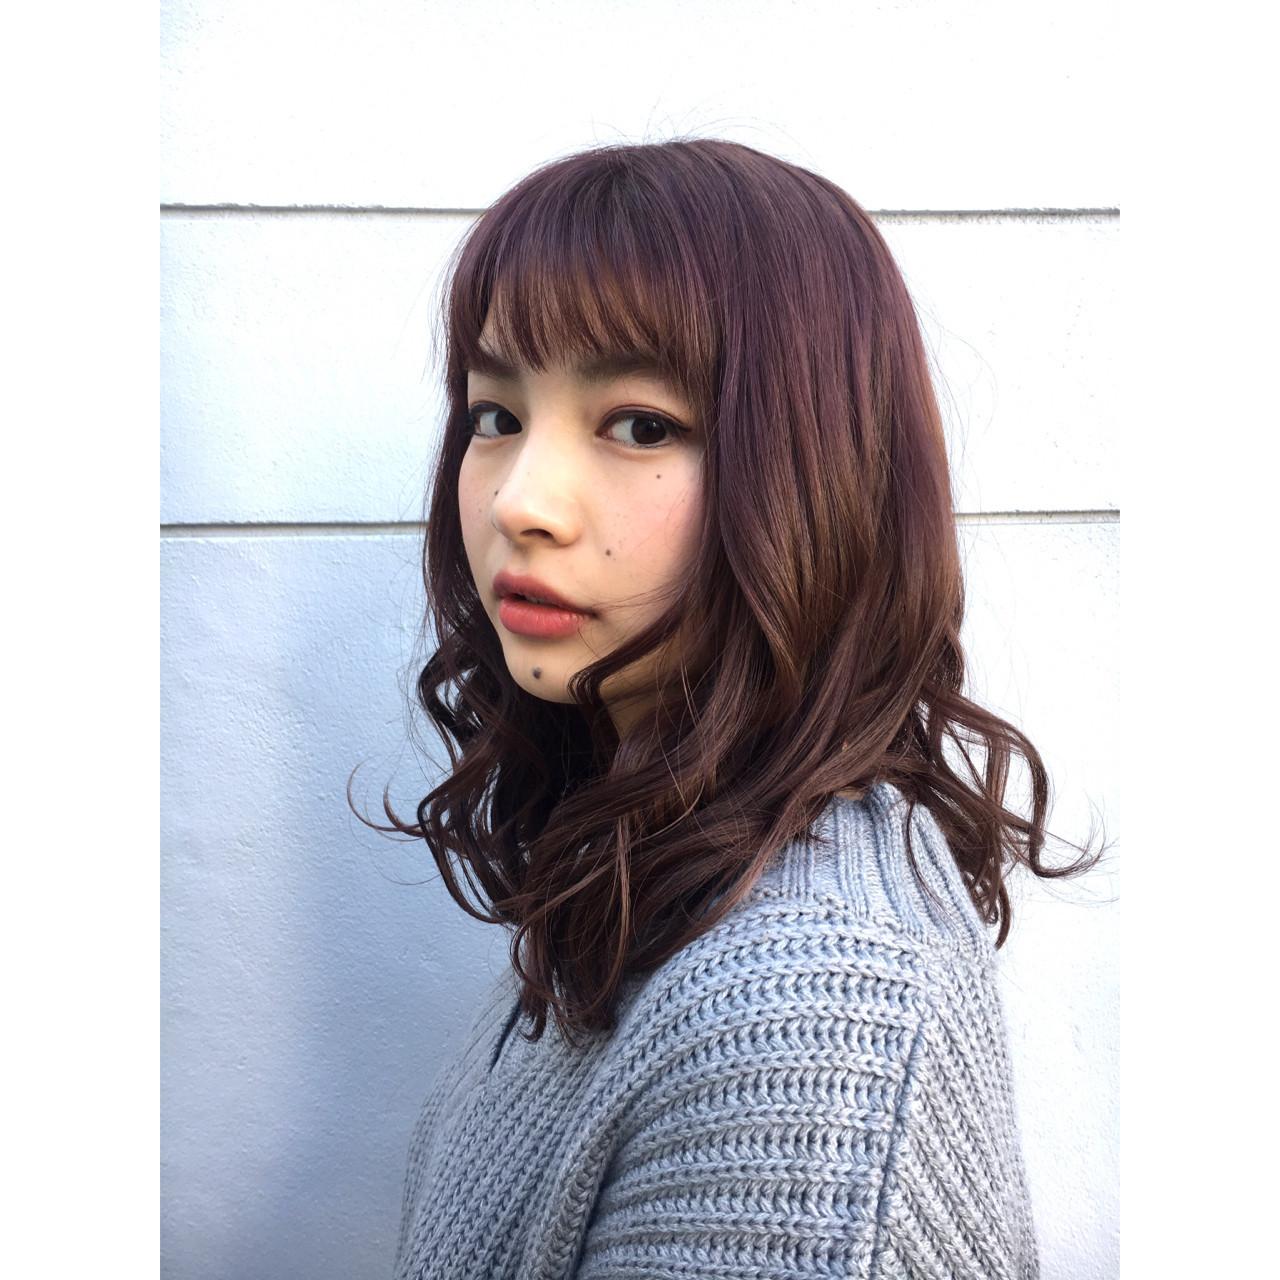 ラベンダーピンク×アッシュの大人のこなれ小顔スタイル♡ TAKUMI KAWAHORI